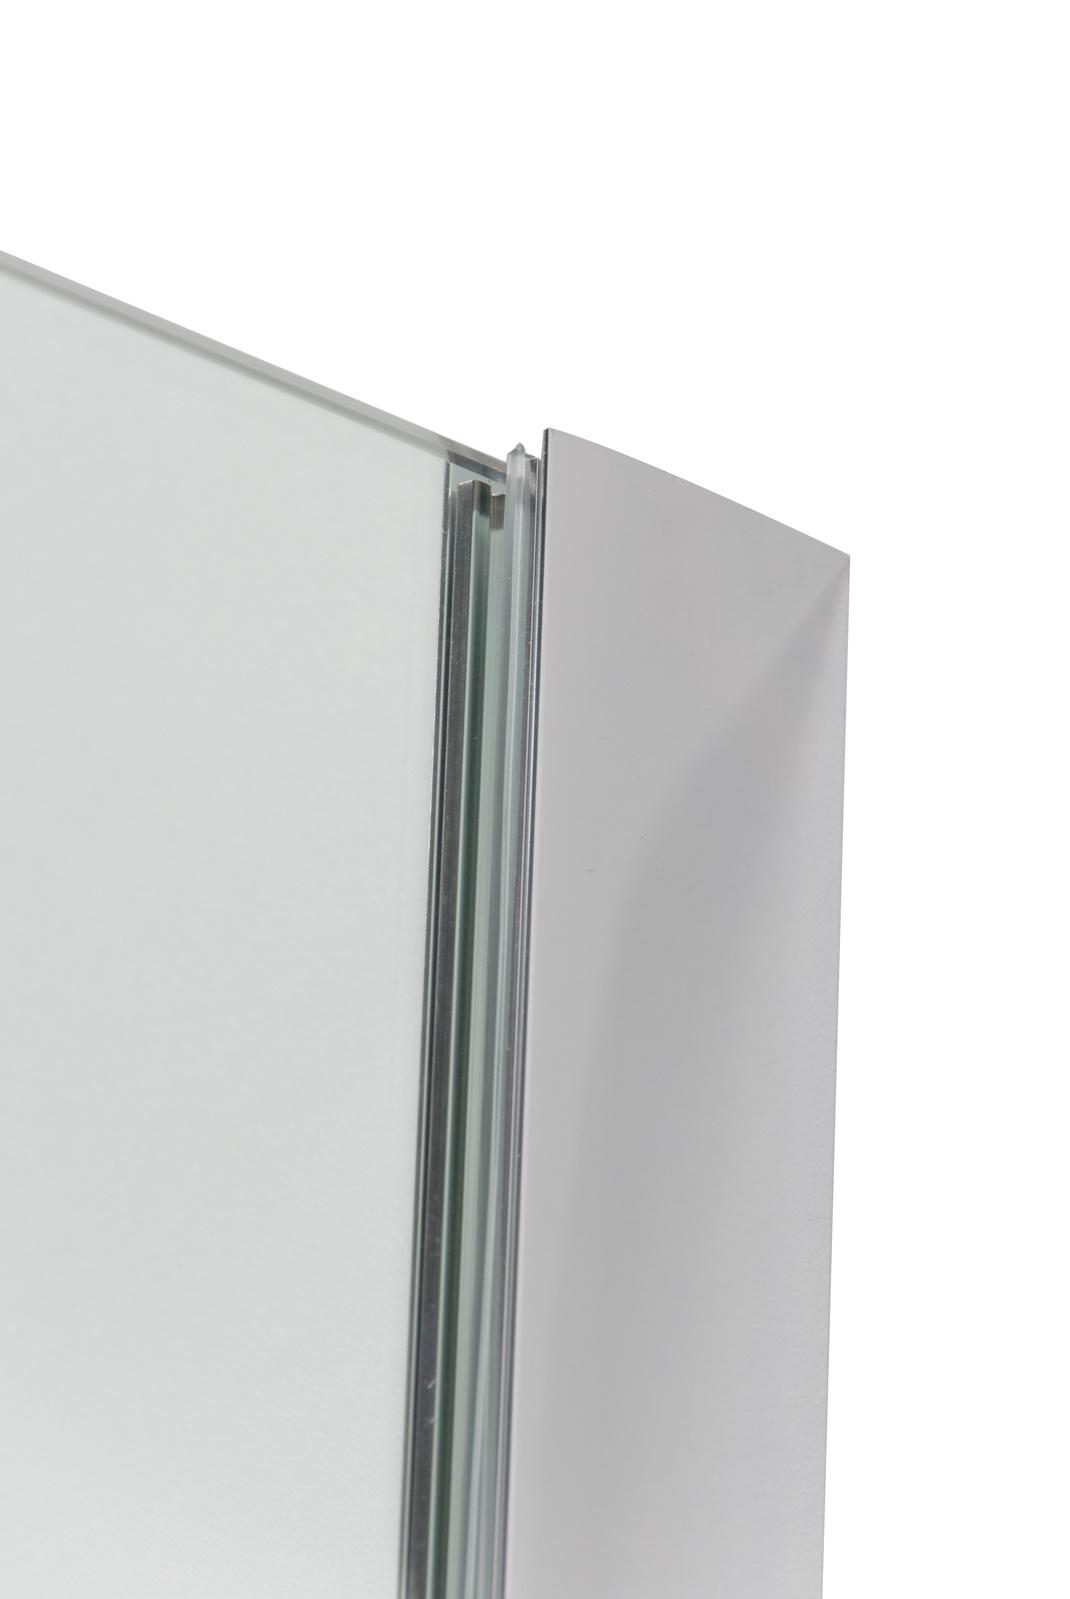 Linea Uno Begehbare Dusche Gšteborg 160 x 200 cm